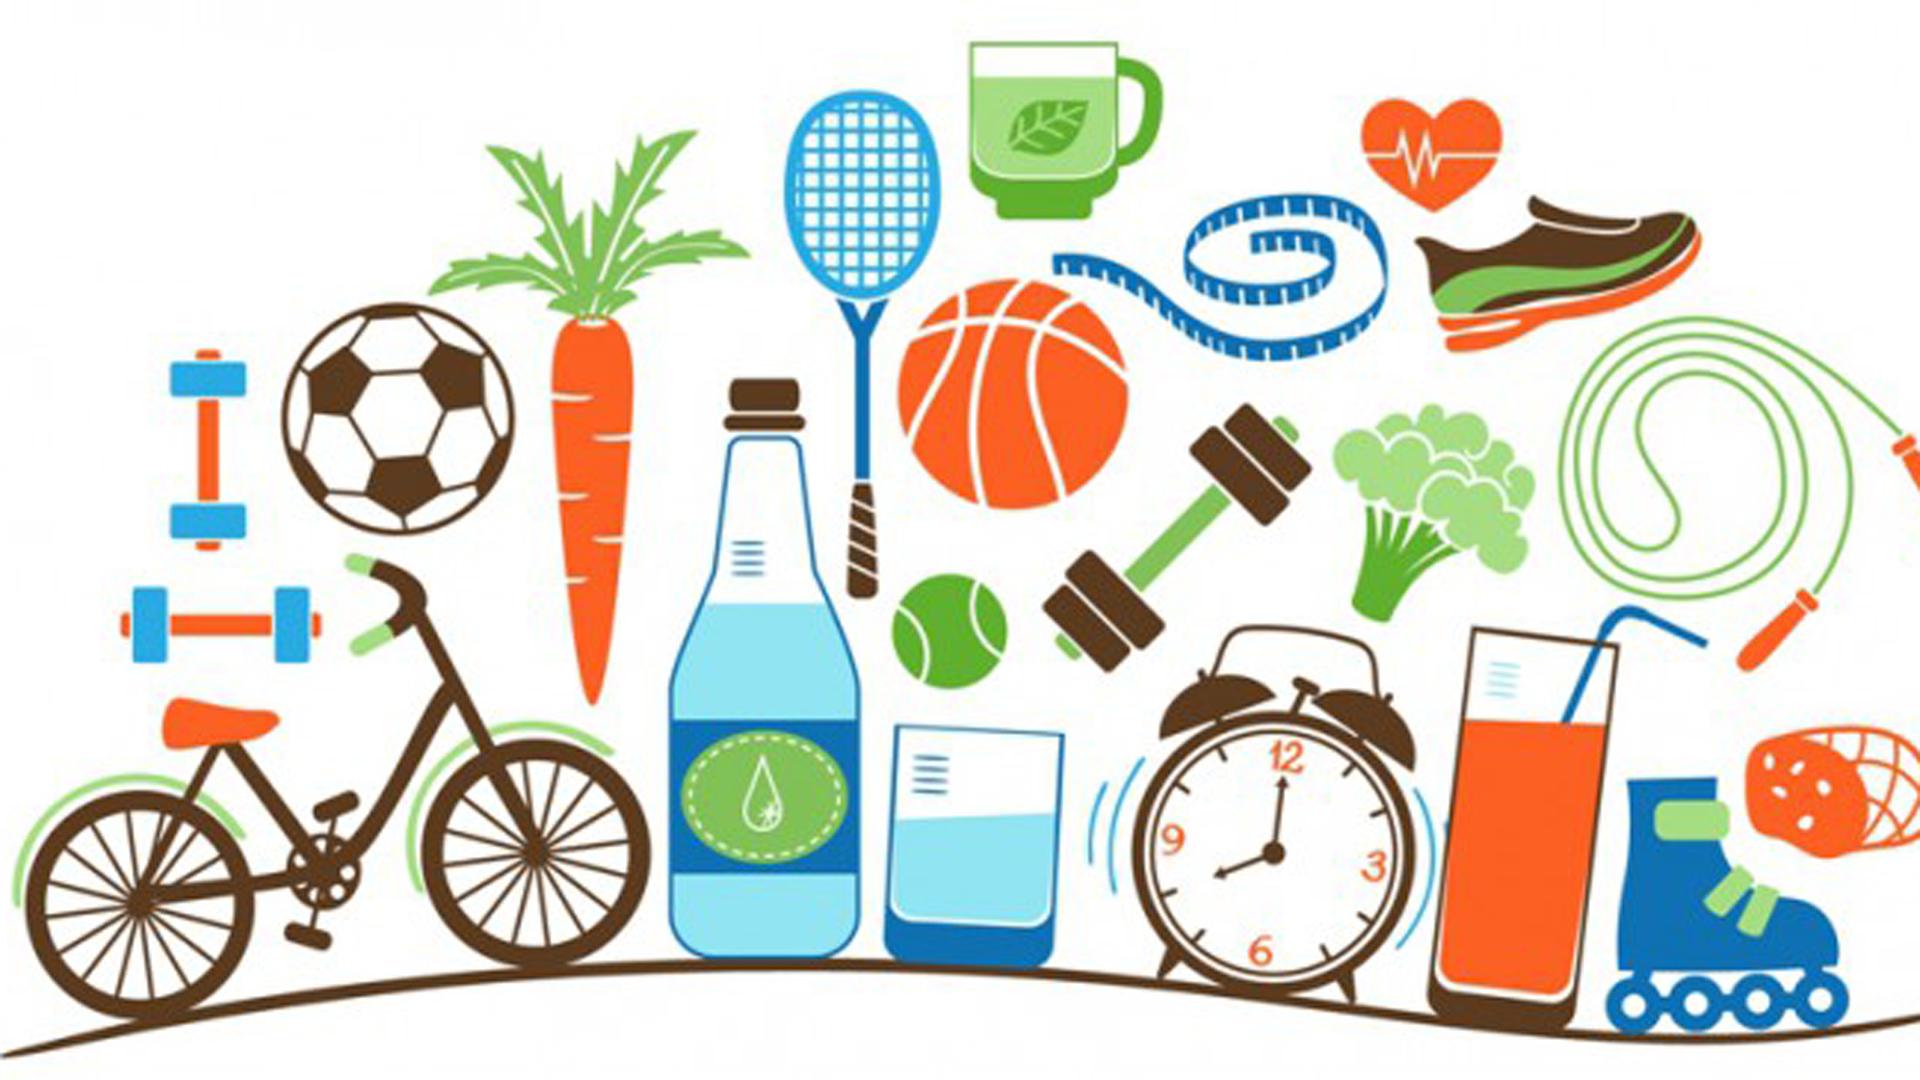 ¡Alerta! Cinco hábitos mortales para su salud